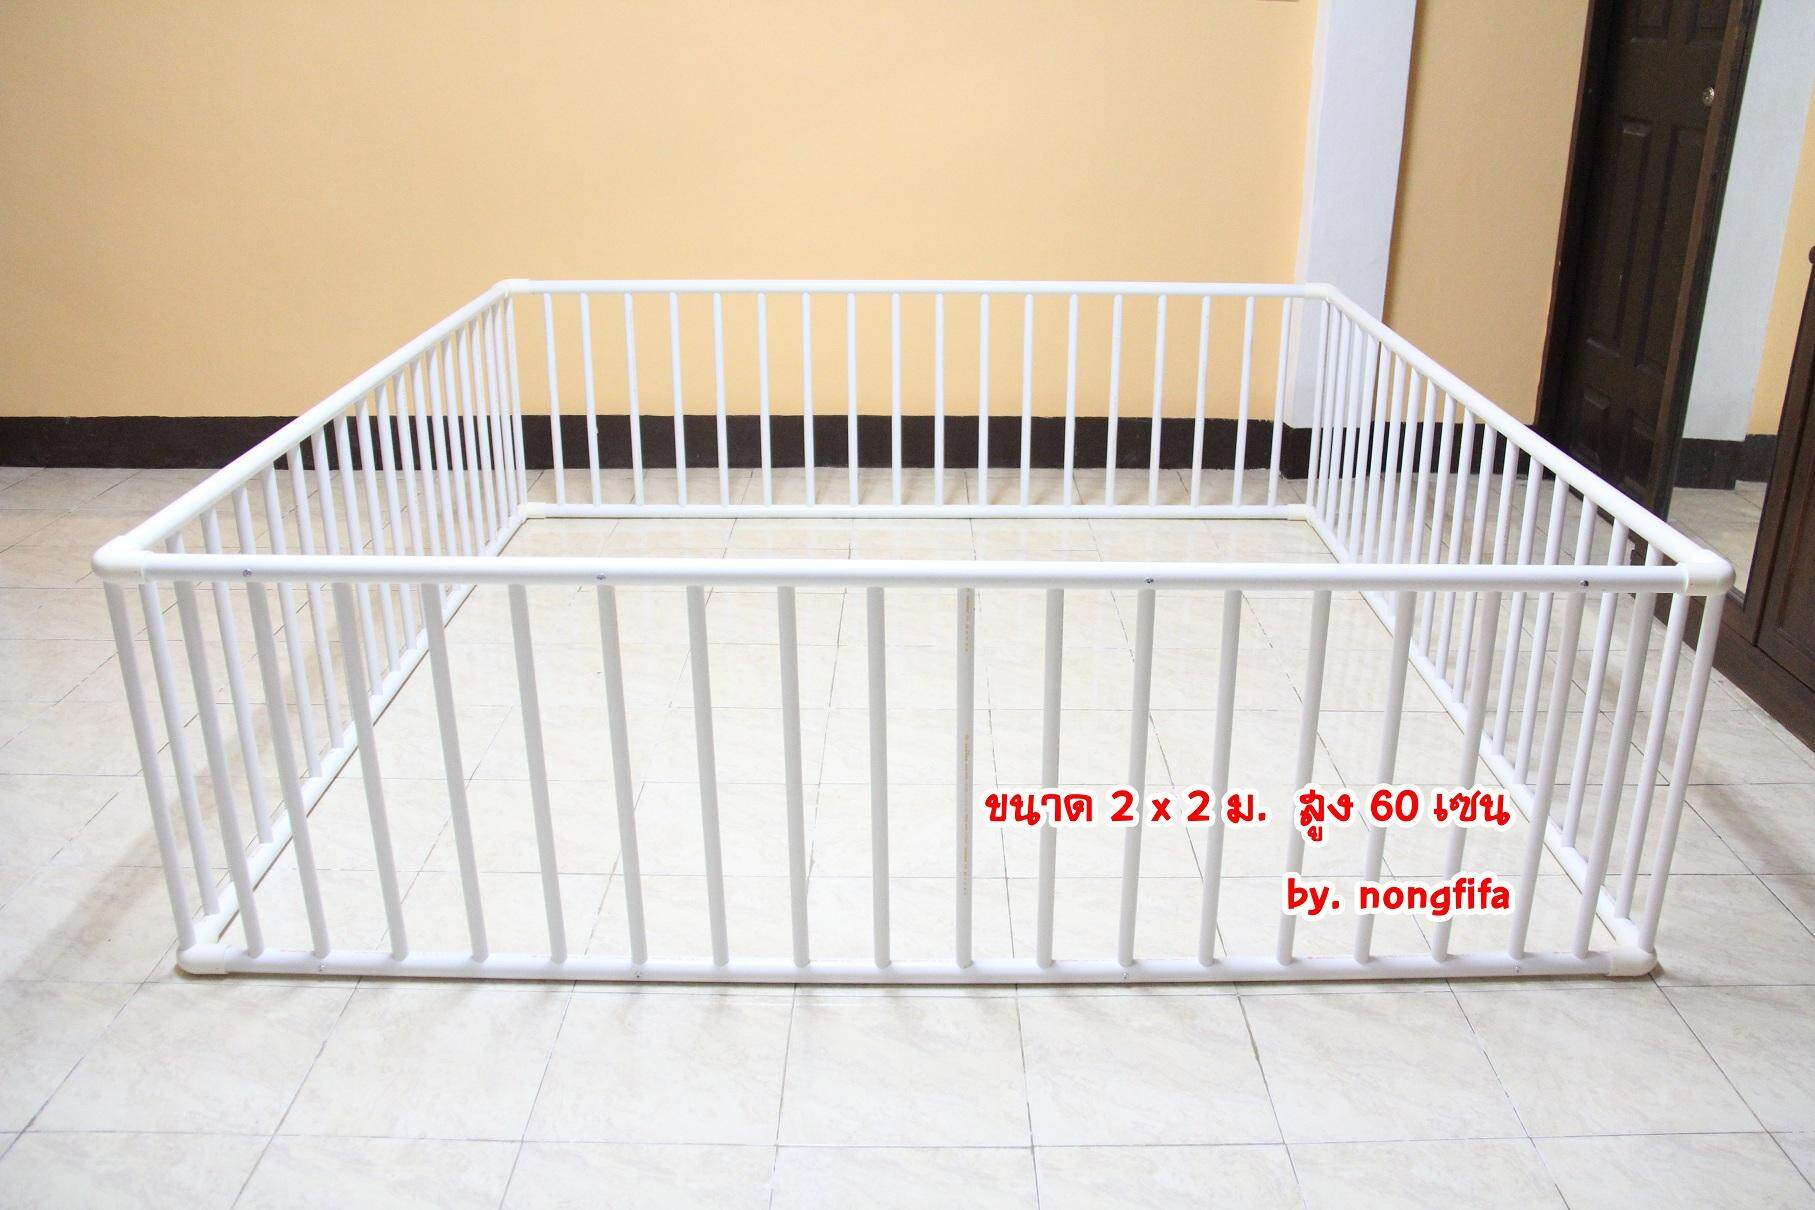 [[ส่งฟรี Kerry]] คอกกั้นเด็ก 2x2 ม. สูง 60เซน (ขนาด 200x200cm สูง 60cm)